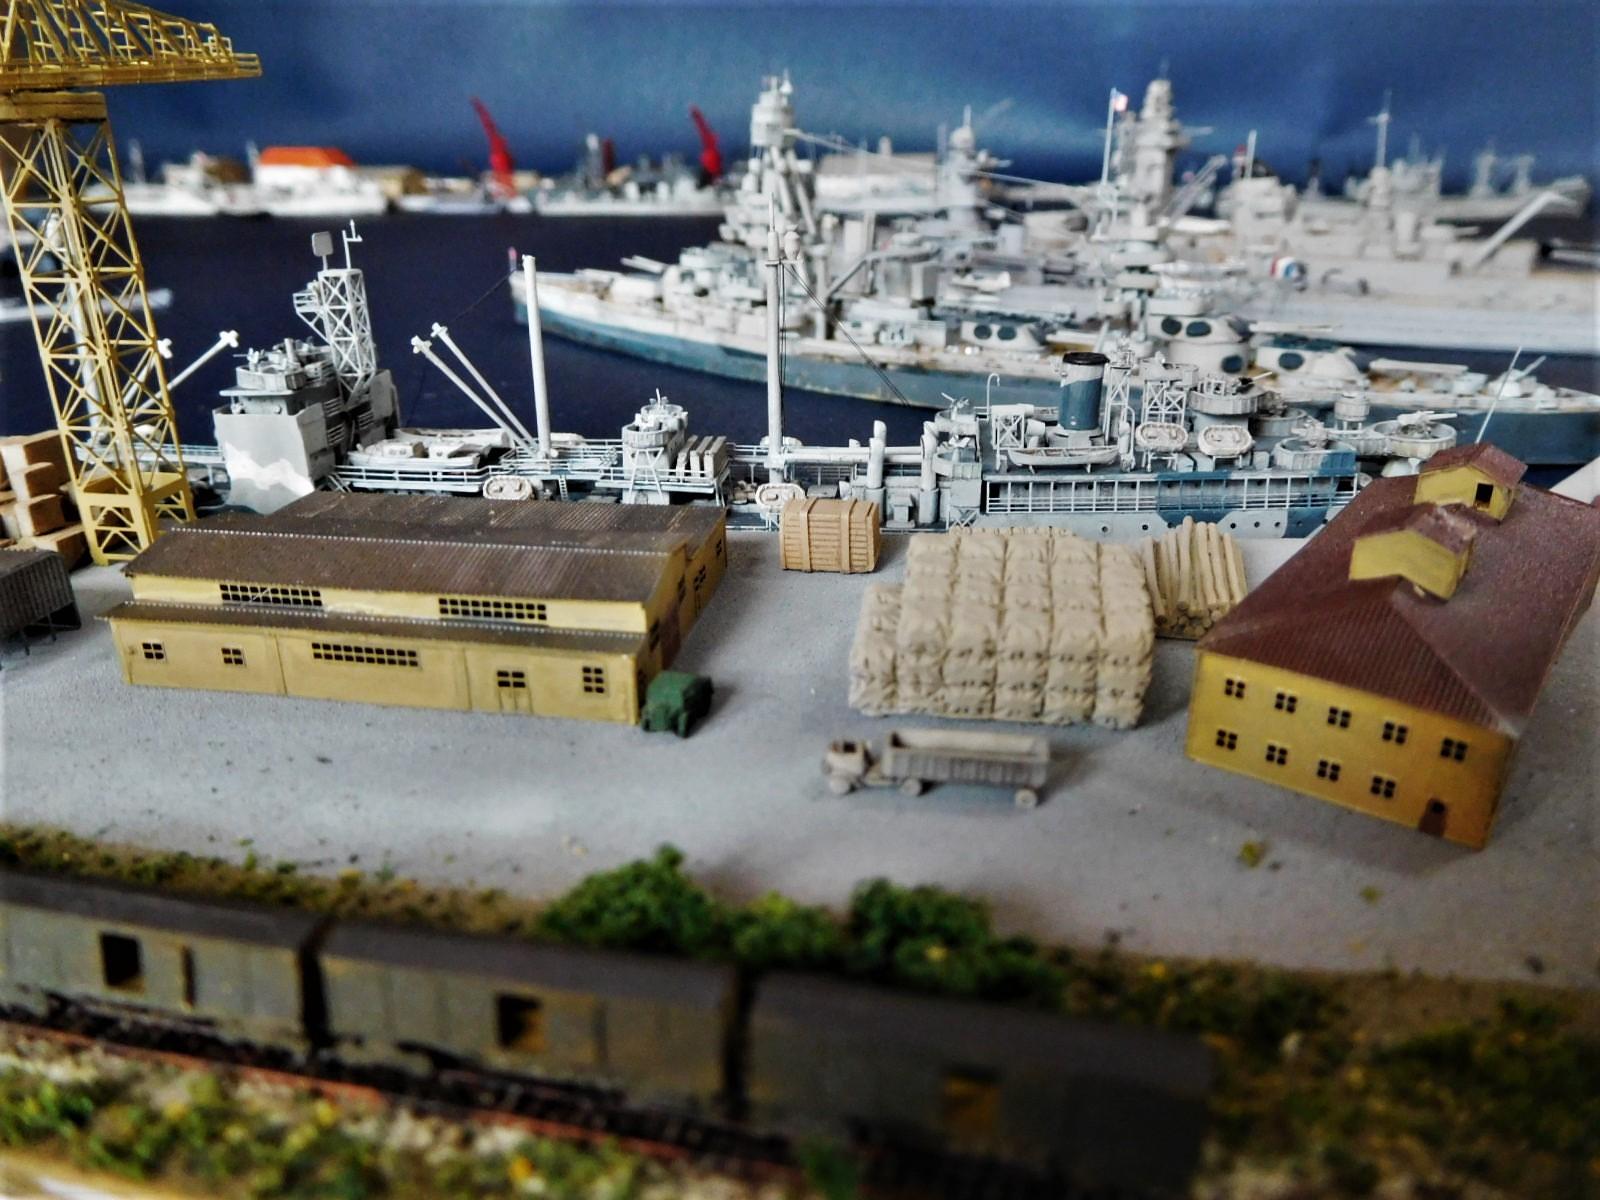 Diorama base navale 1/700 par Nesquik - Page 4 Hu3dCwr